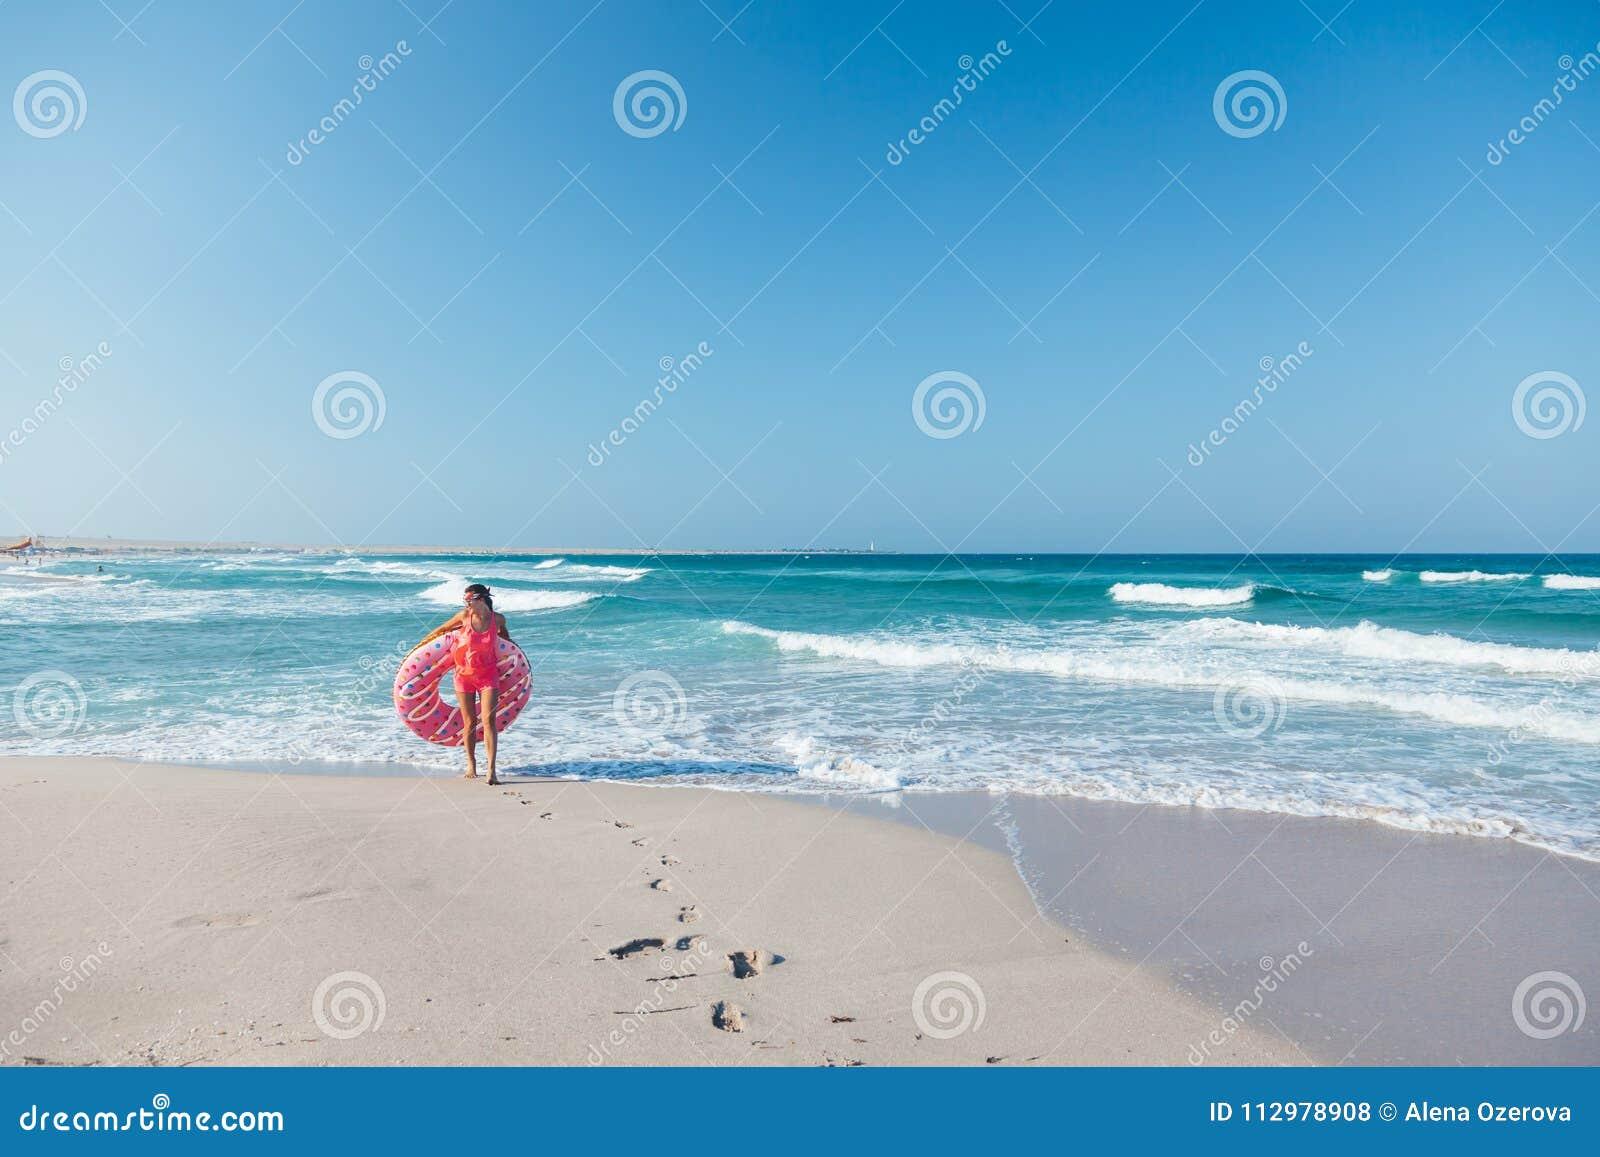 Mädchen mit Donut lilo auf dem Strand